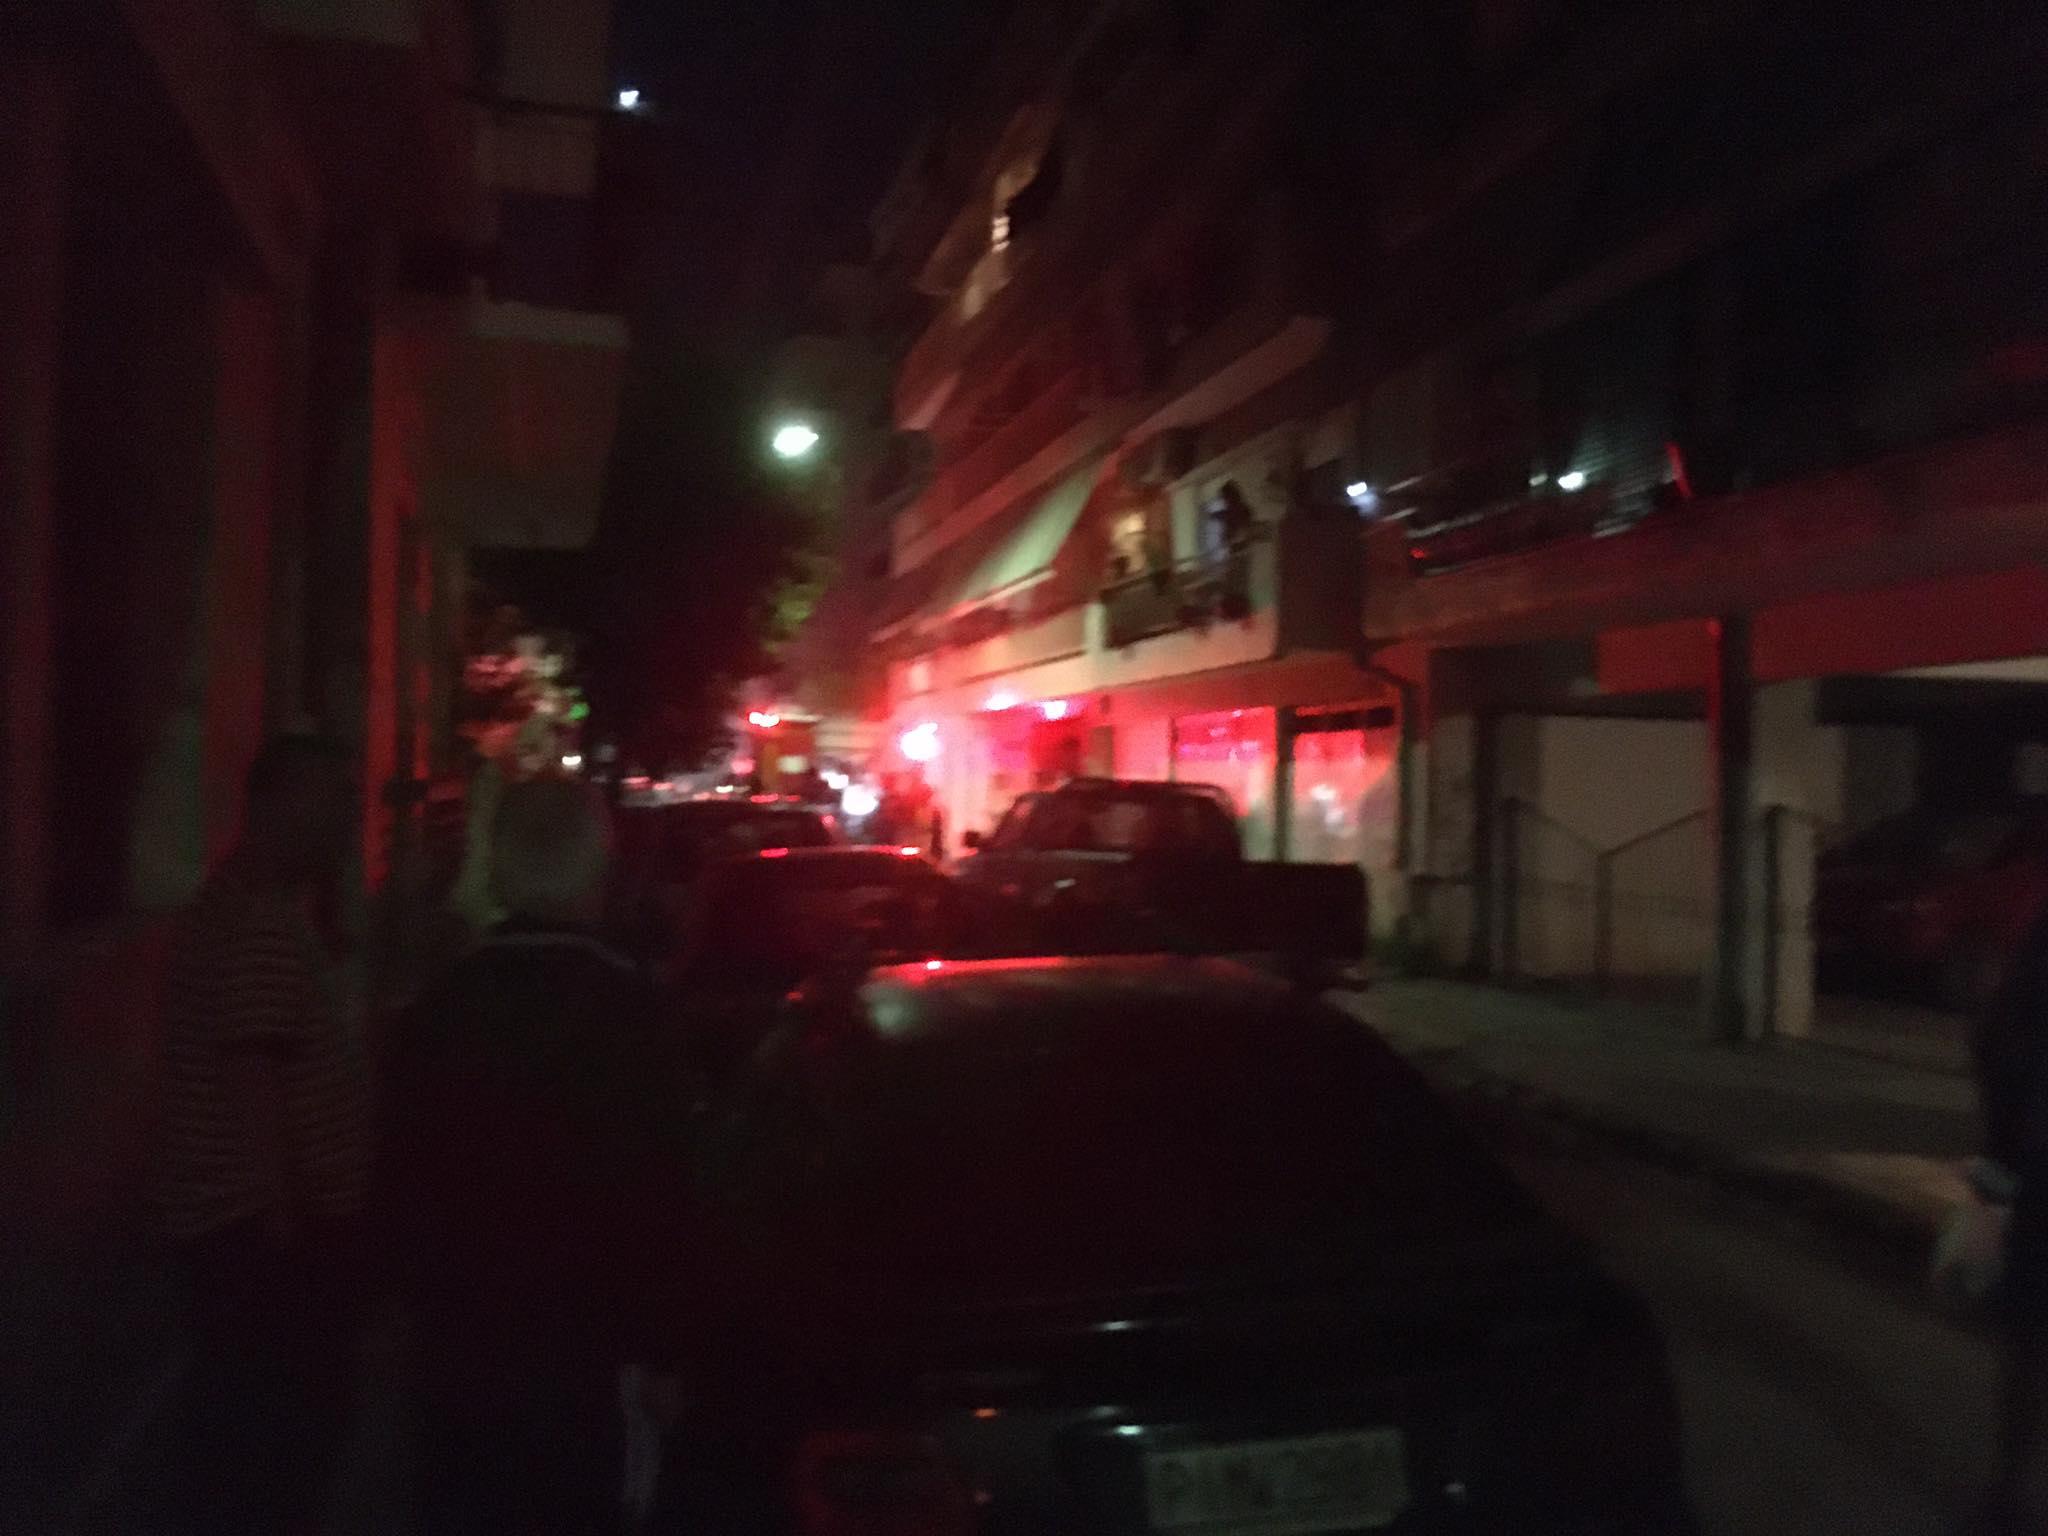 Φωτιά σε διαμέρισμα πολυκατοικίας στη Λάρισα (ΦΩΤΟ)